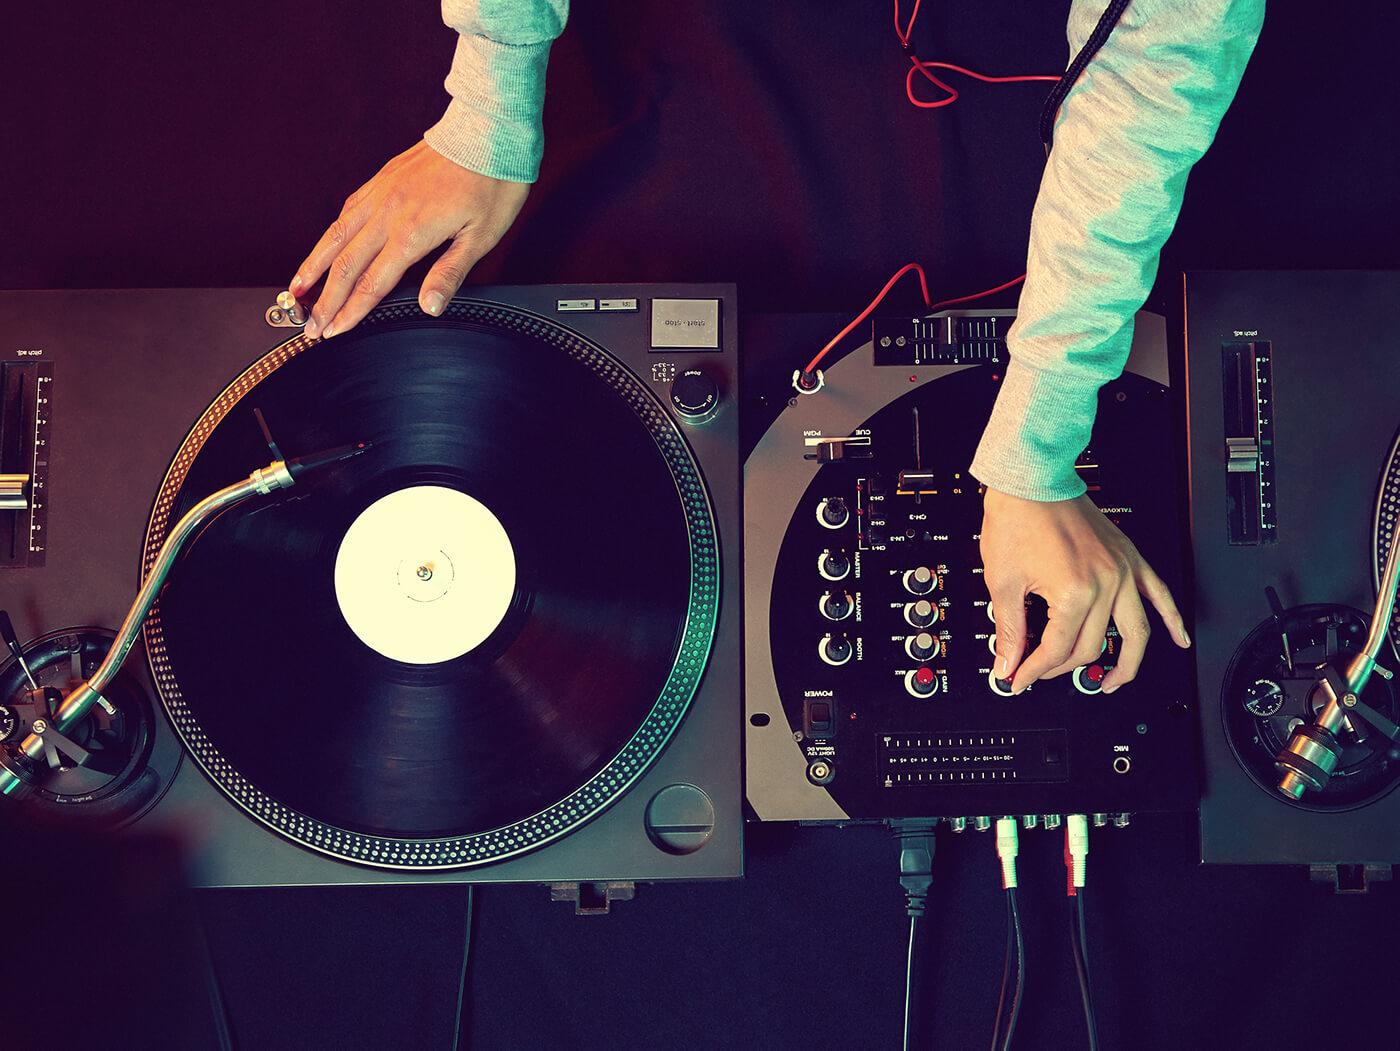 Six best budget DJ turntables under $300 | MusicTech